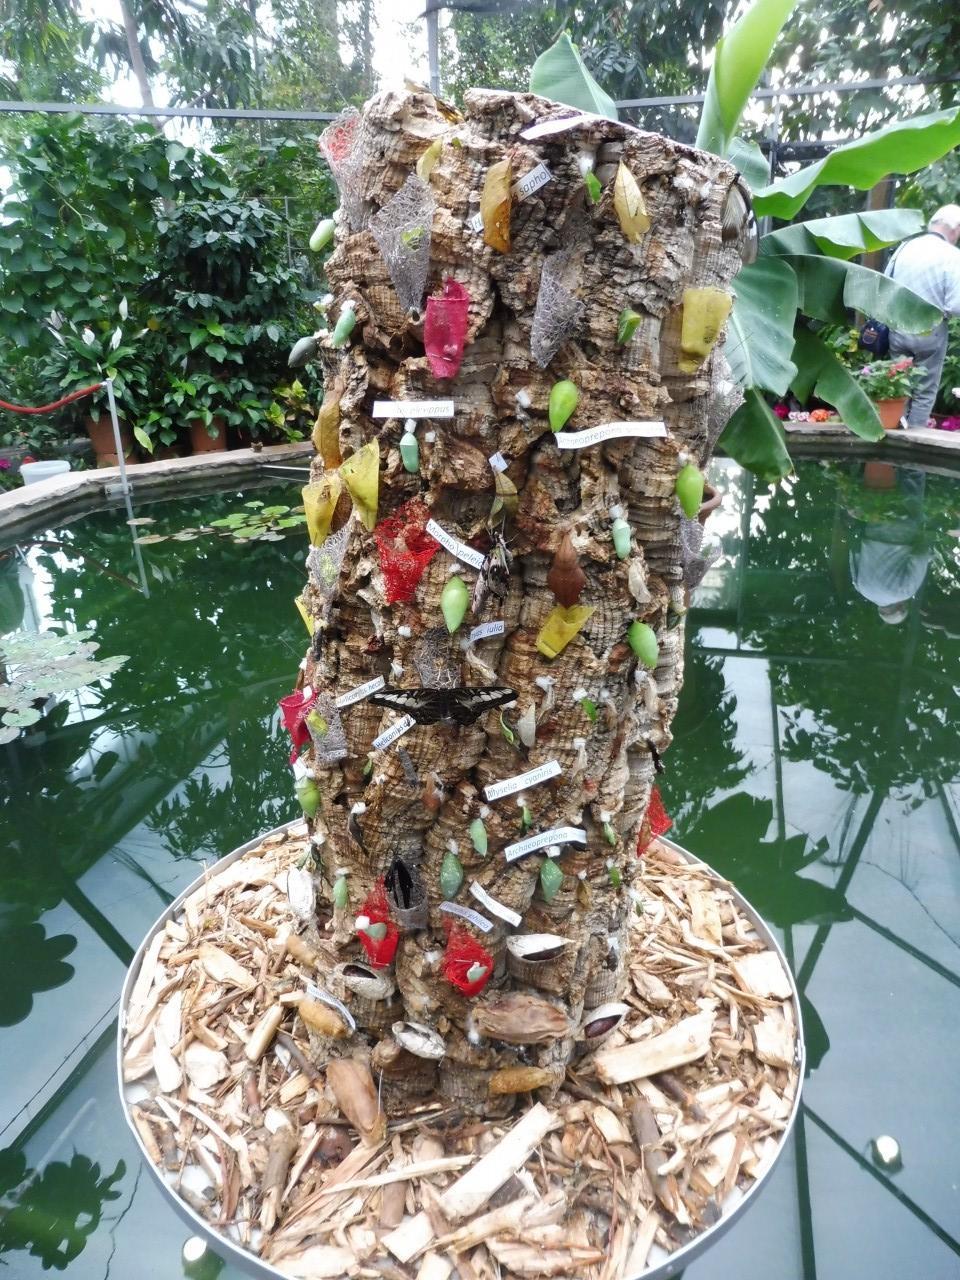 schmetterlinge im botanischen garten augsburg bayern schoener reisen forum reiseberichte. Black Bedroom Furniture Sets. Home Design Ideas